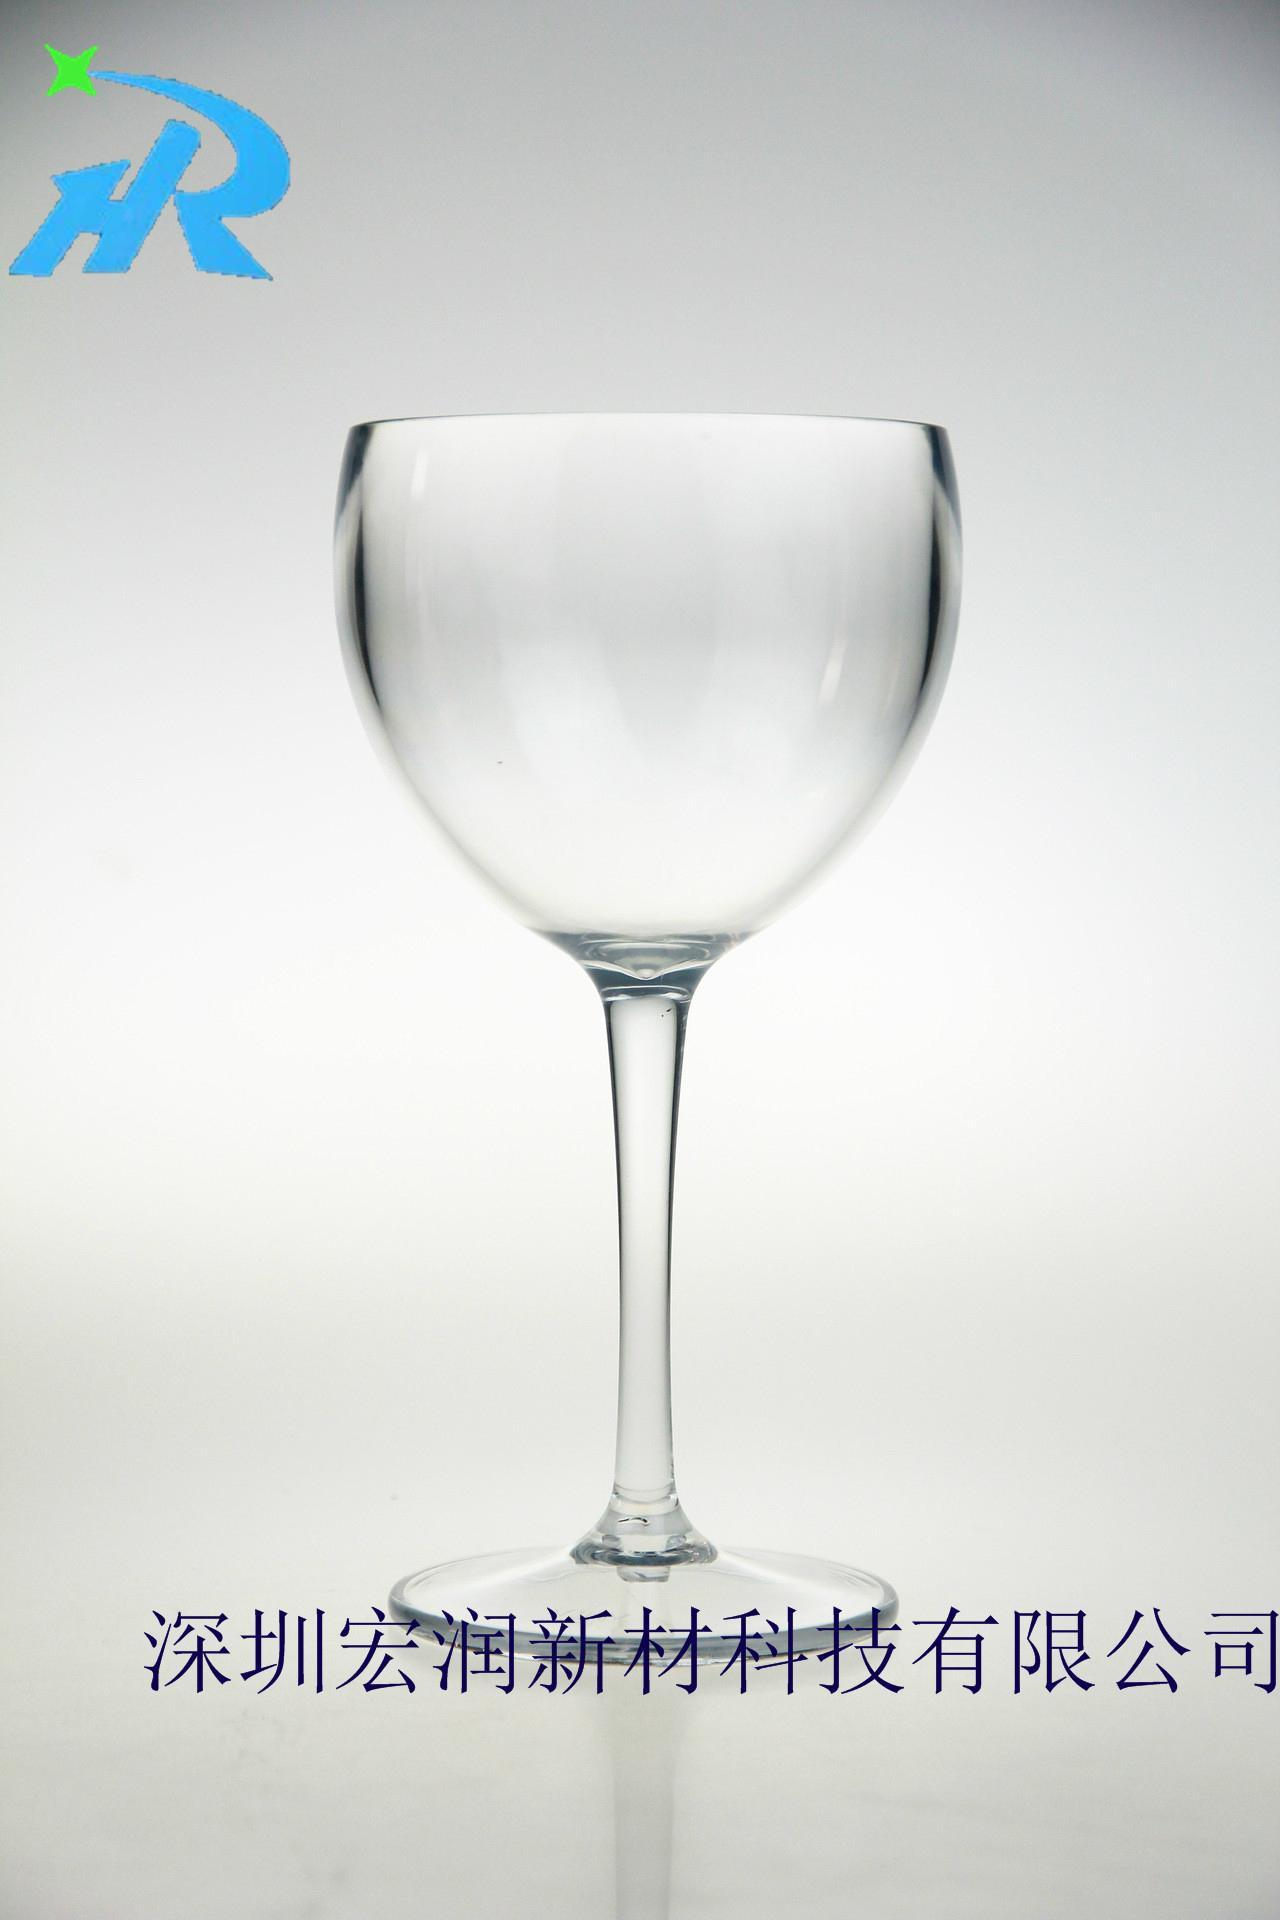 供应塑料高脚杯 1